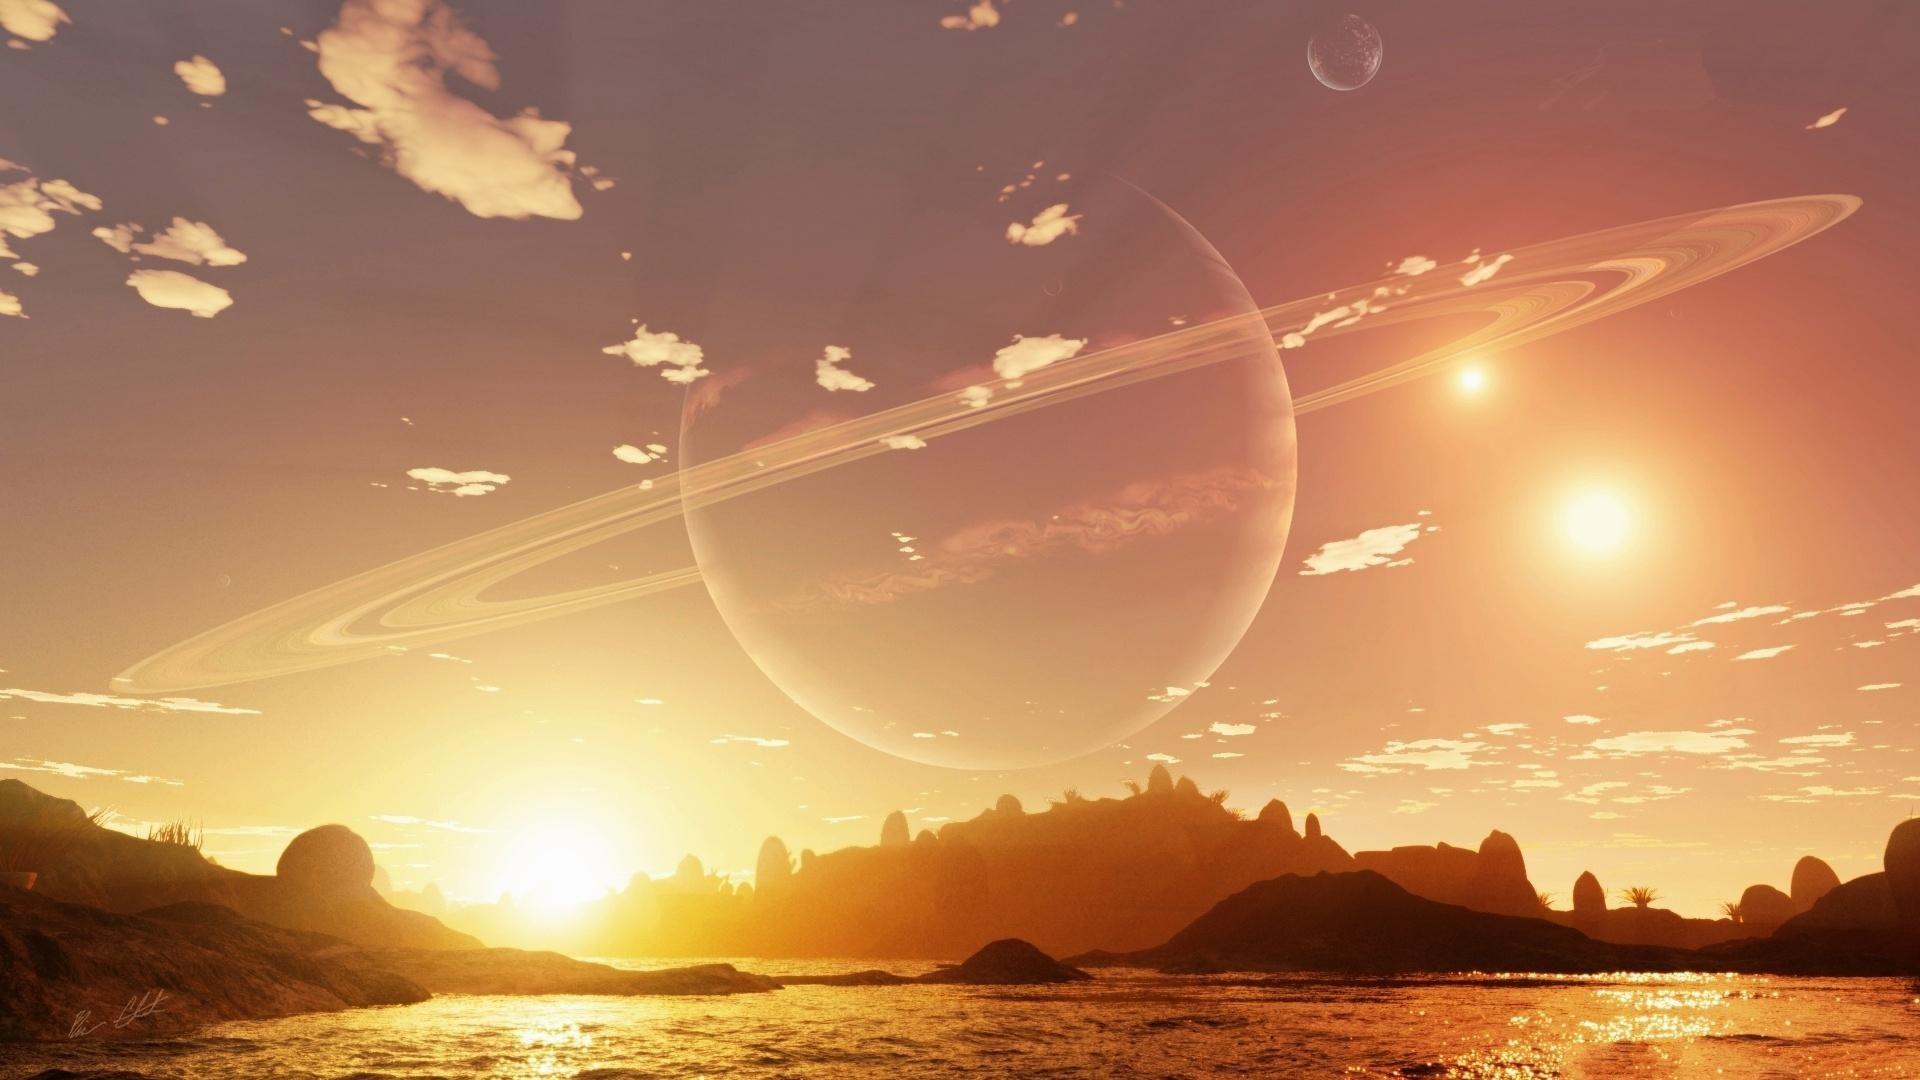 wallpaper.wiki-Alien-Planet-Background-Full-HD-1-